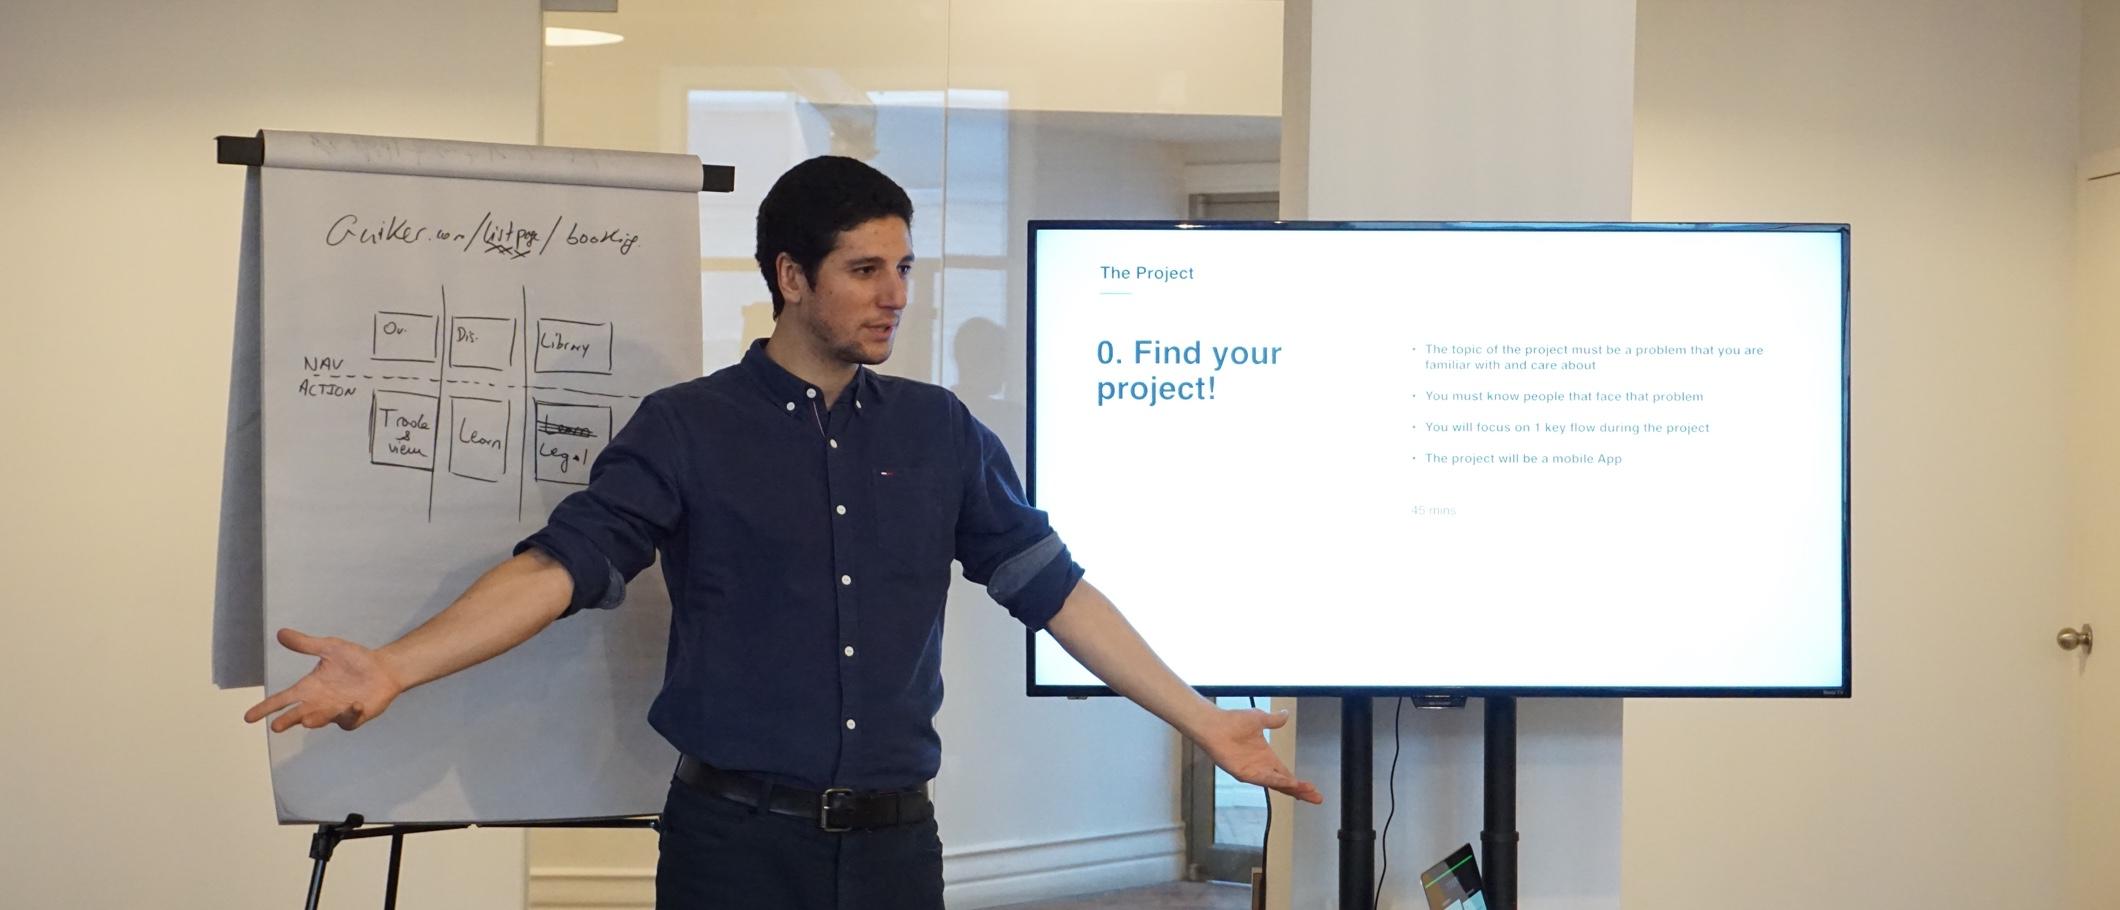 Ralph teaching.jpg